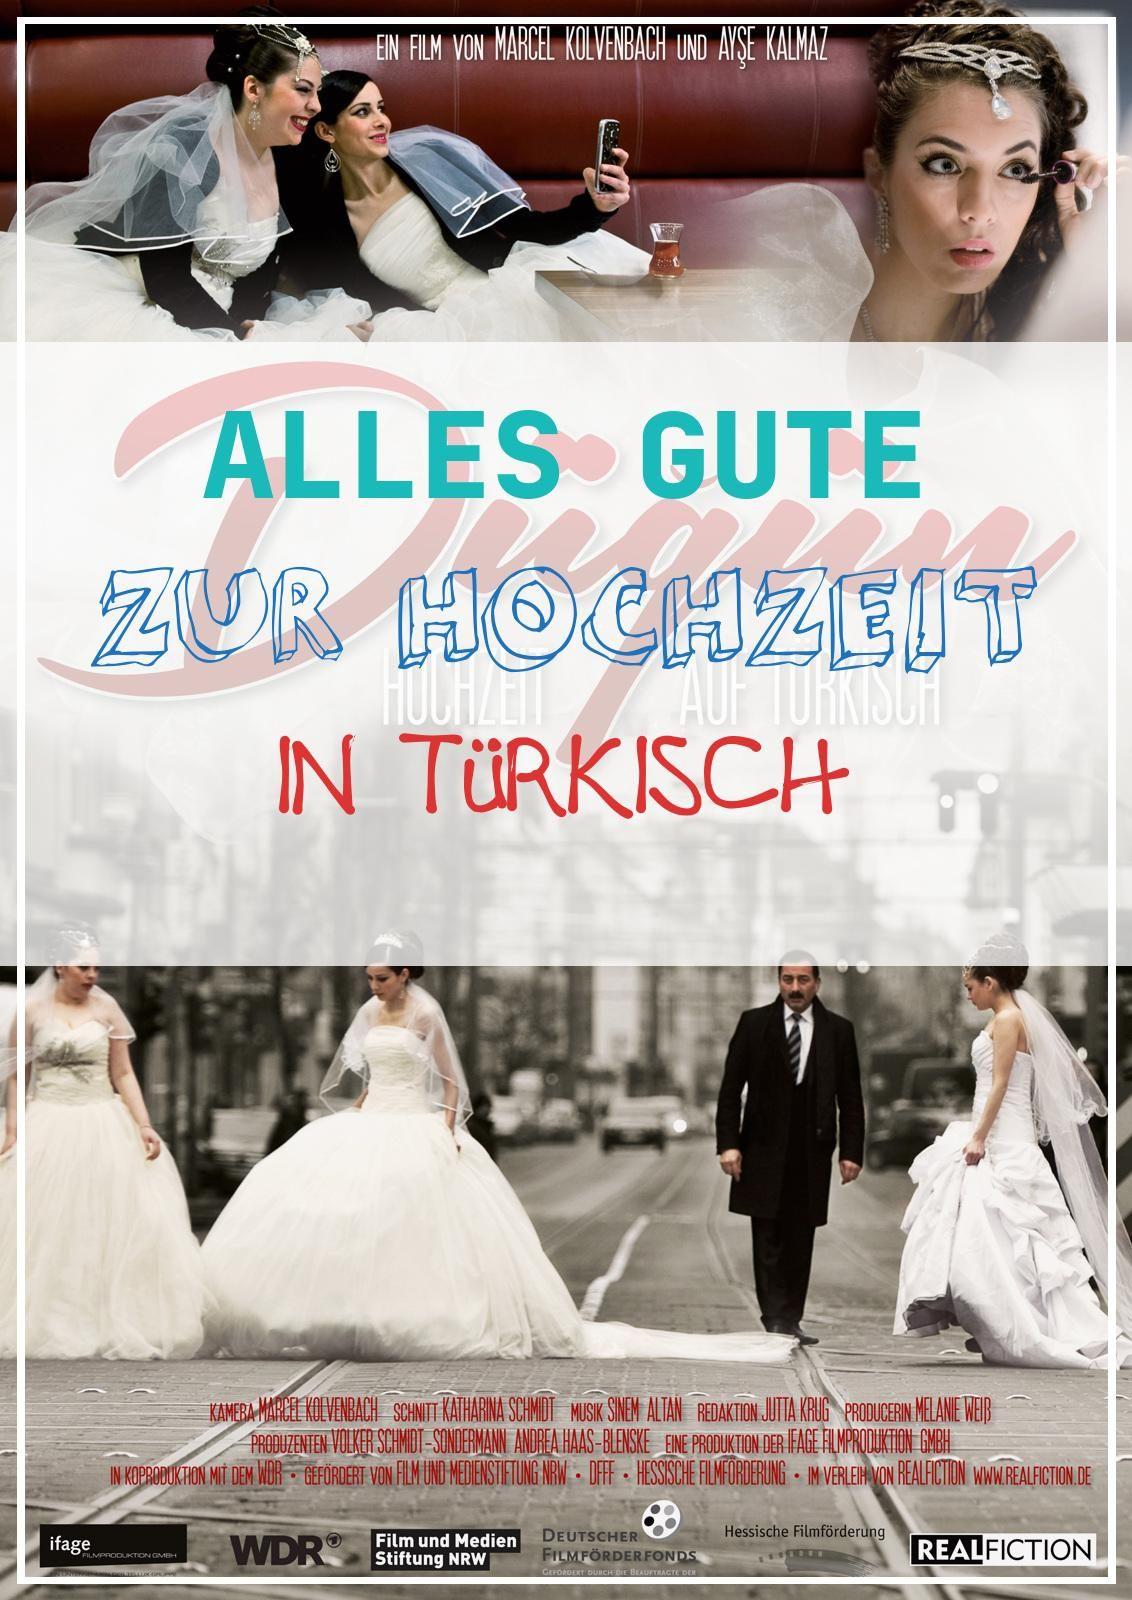 Topmost 11 Alles Gute Zur Hochzeit In Turkisch